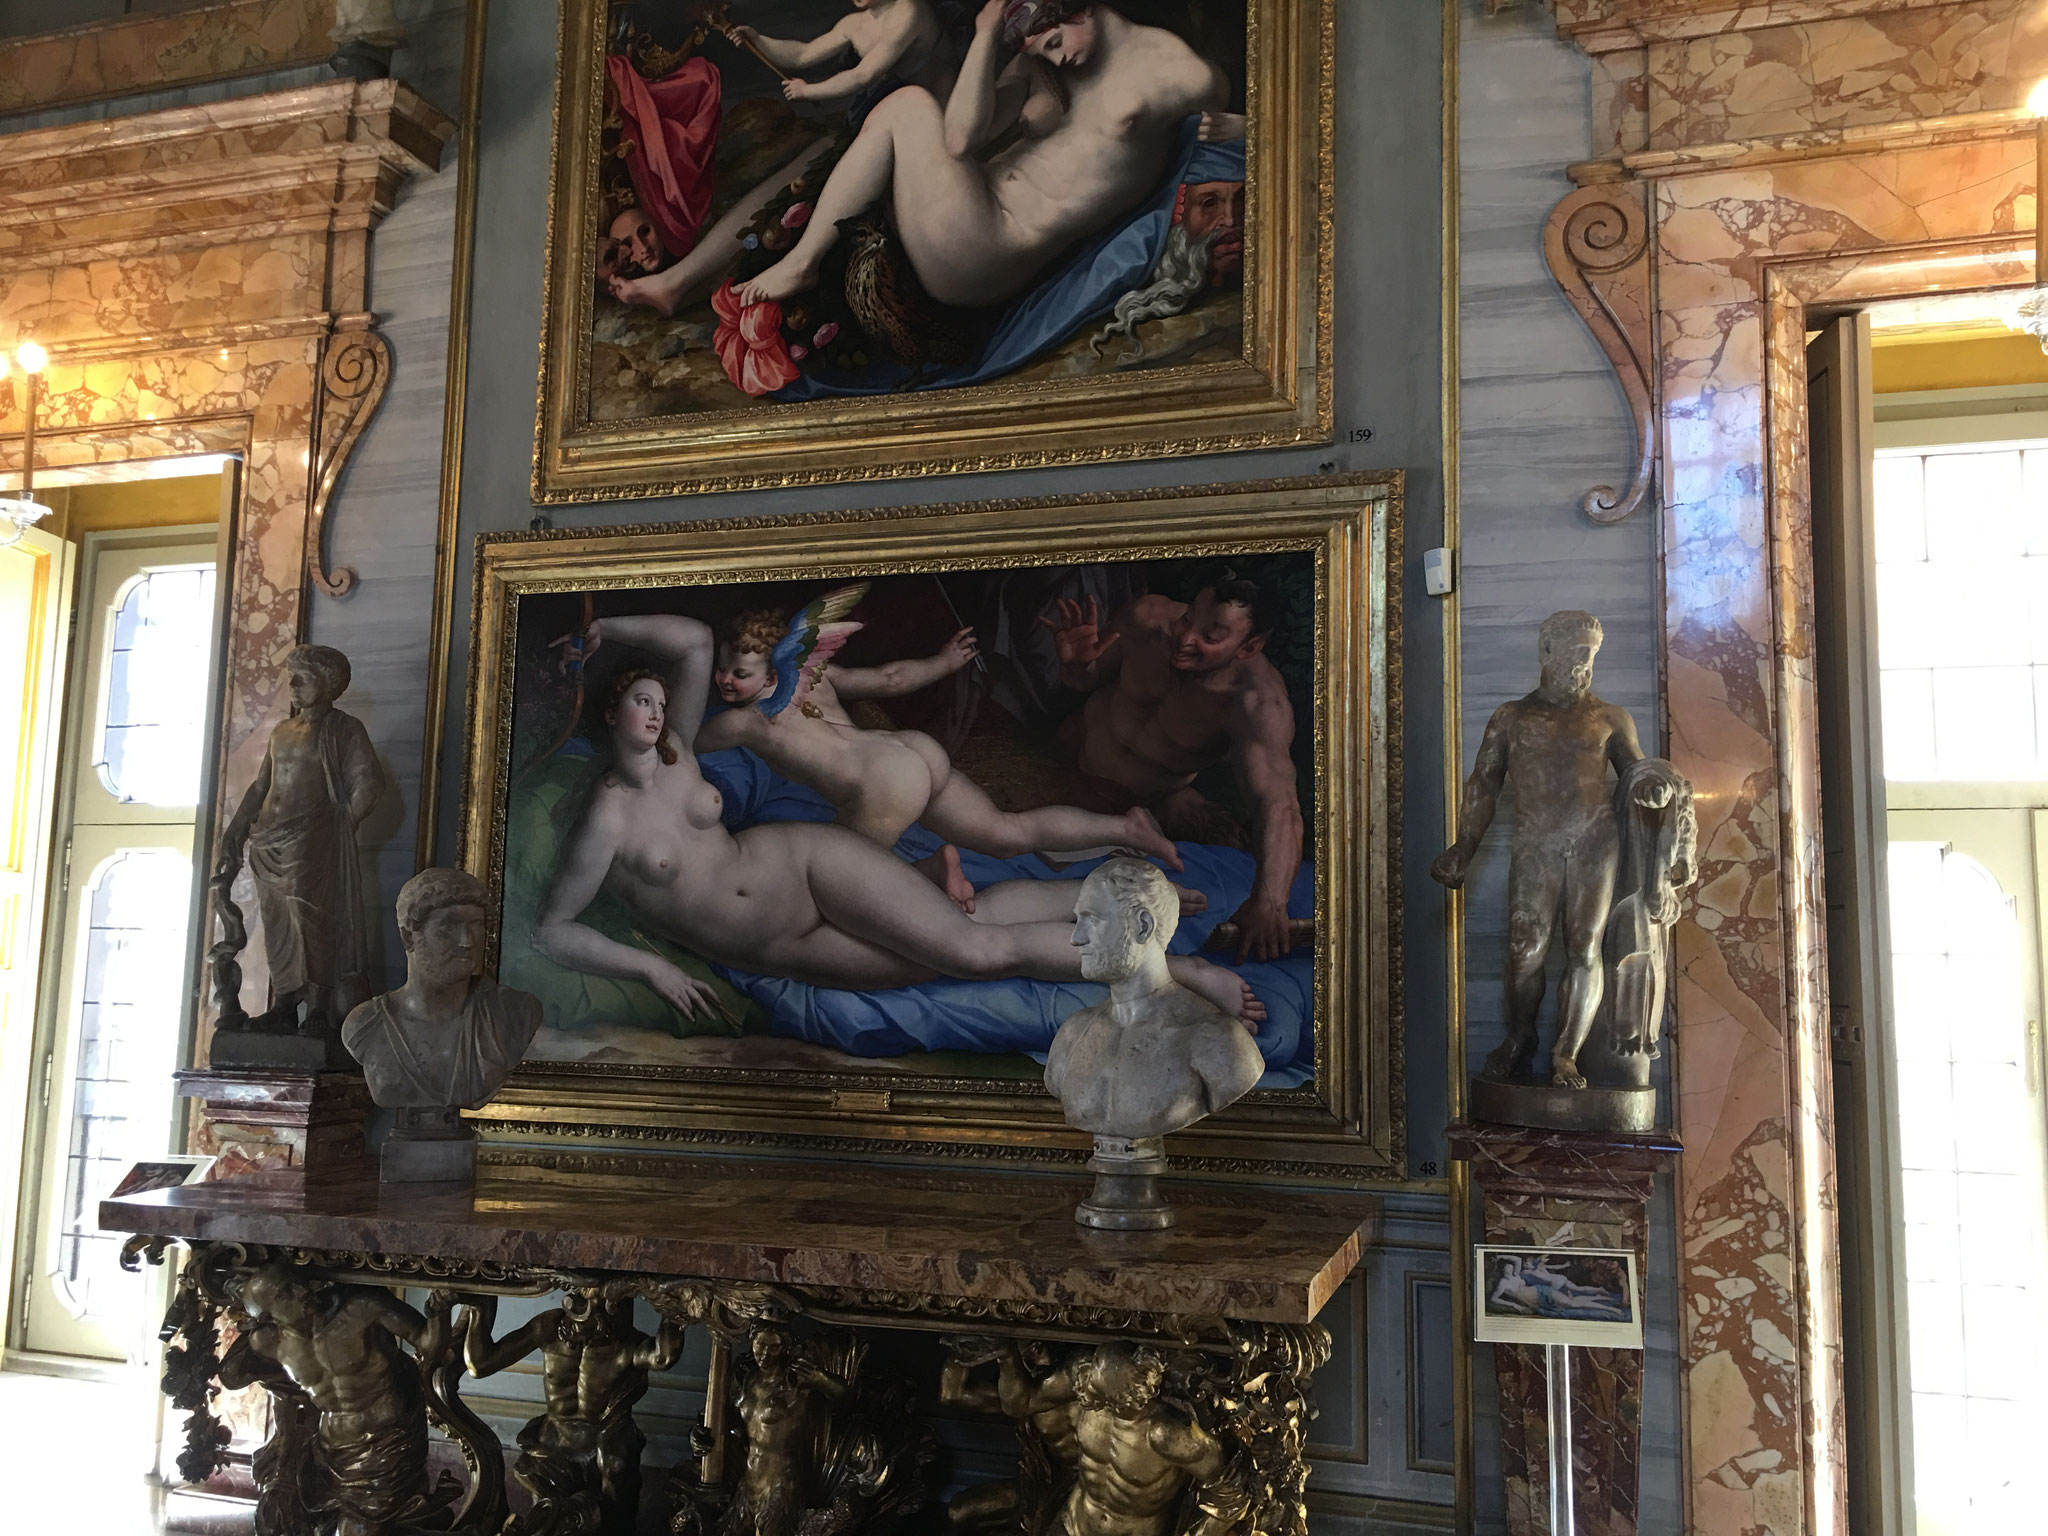 「ヴィーナス、キューピッド、サテュロス」。16世紀、アニョーロ・ブロンズィーノ 作